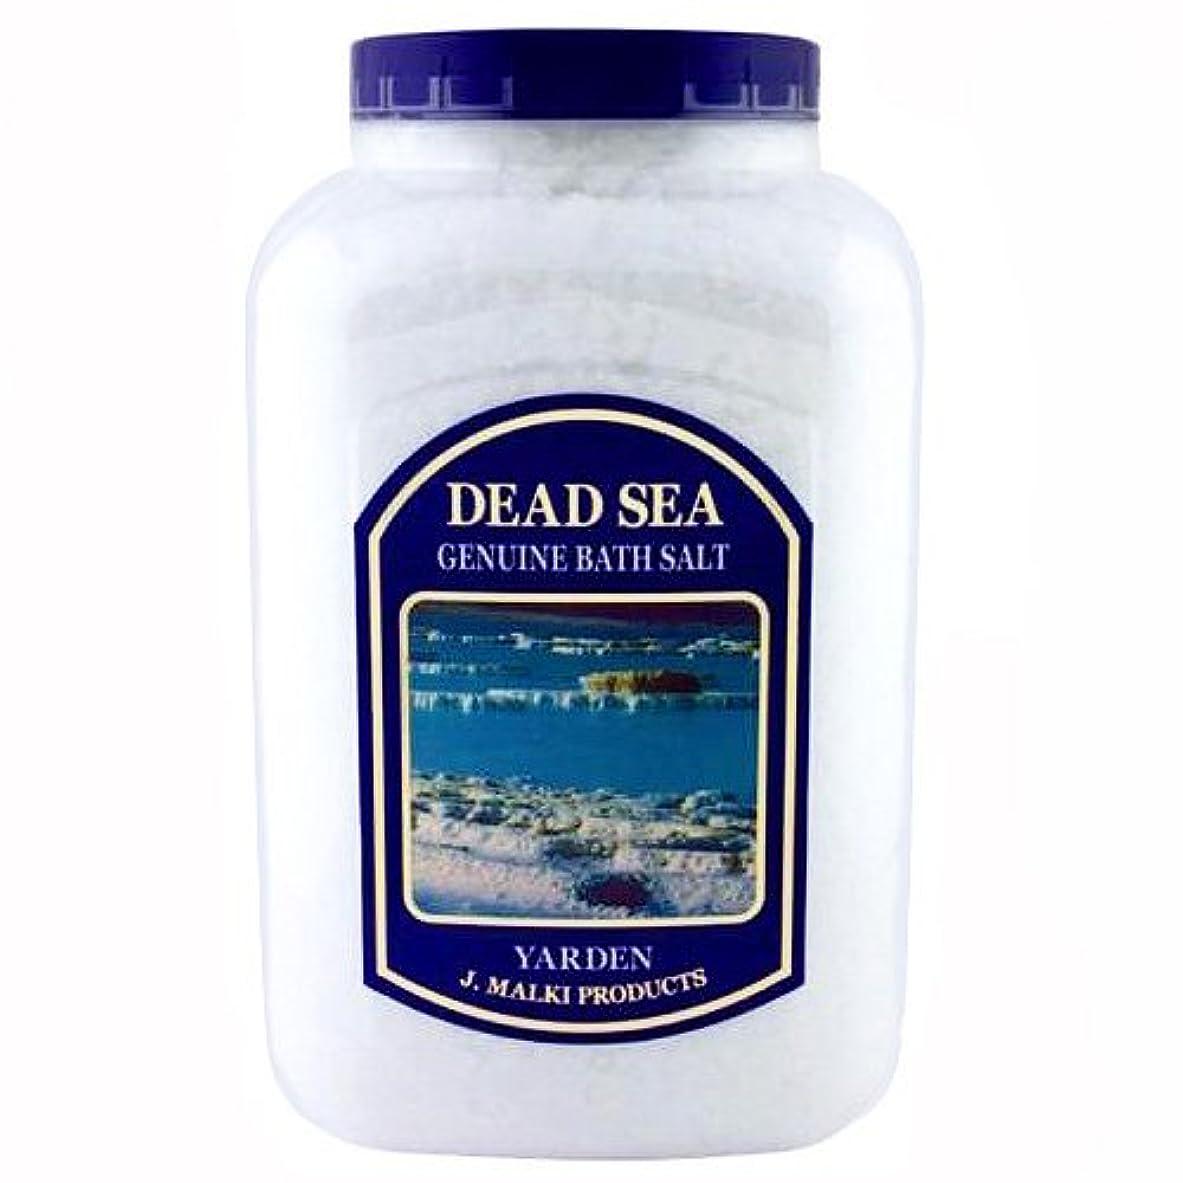 どちらも彼らの一般化するデッドシー?バスソルト 4.5kg(約45回分)【DEAD SEA BATH SALT】死海の塩/入浴剤(入浴用化粧品)【正規販売店】